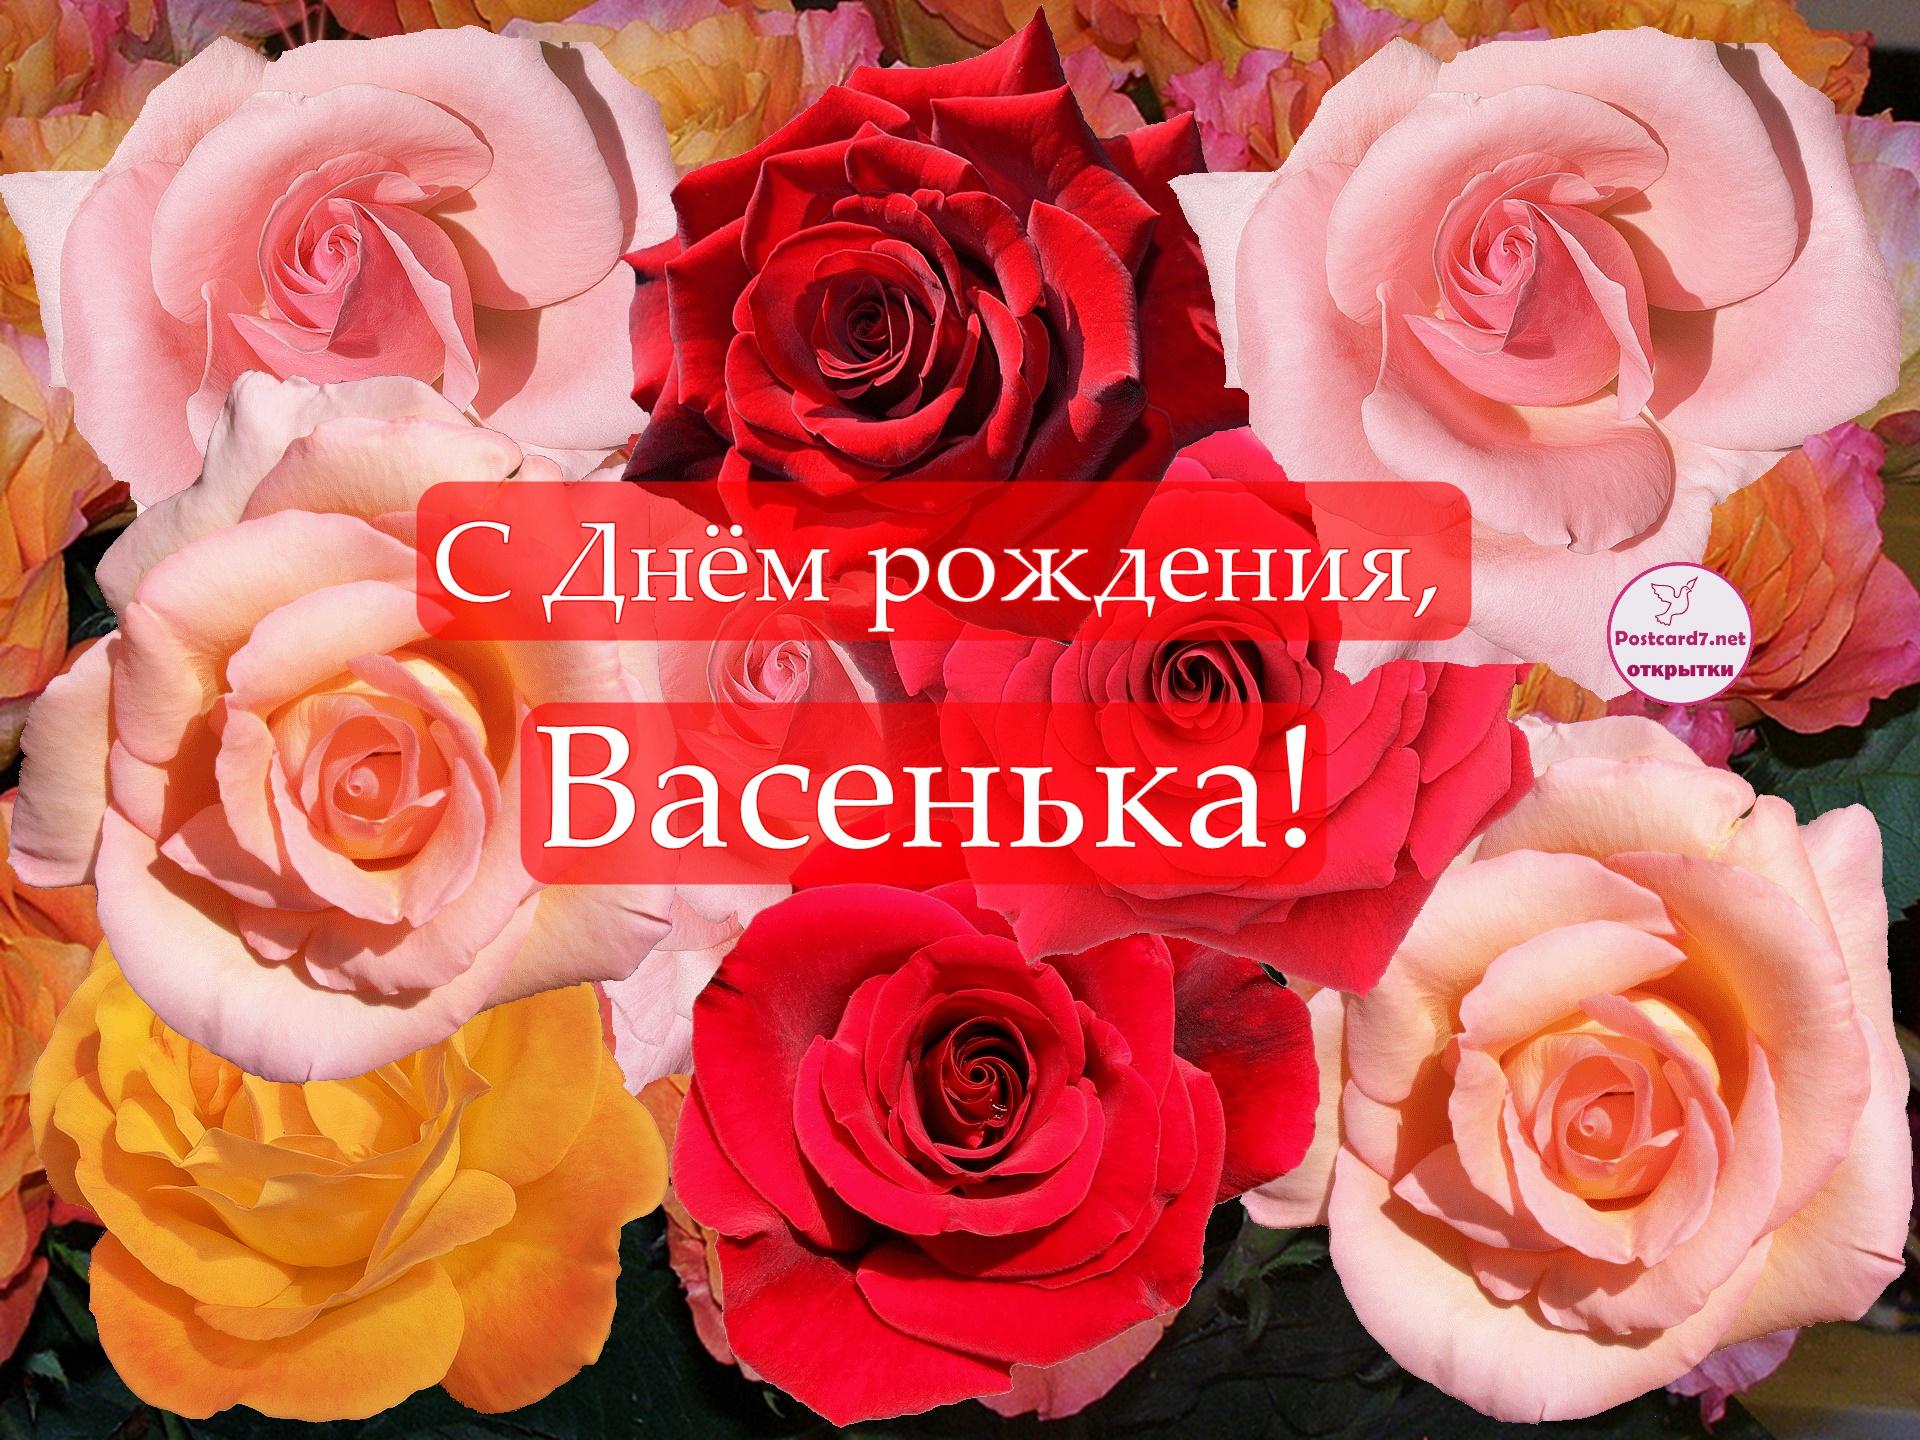 С Днём рождения, Васенька; открытка с розами